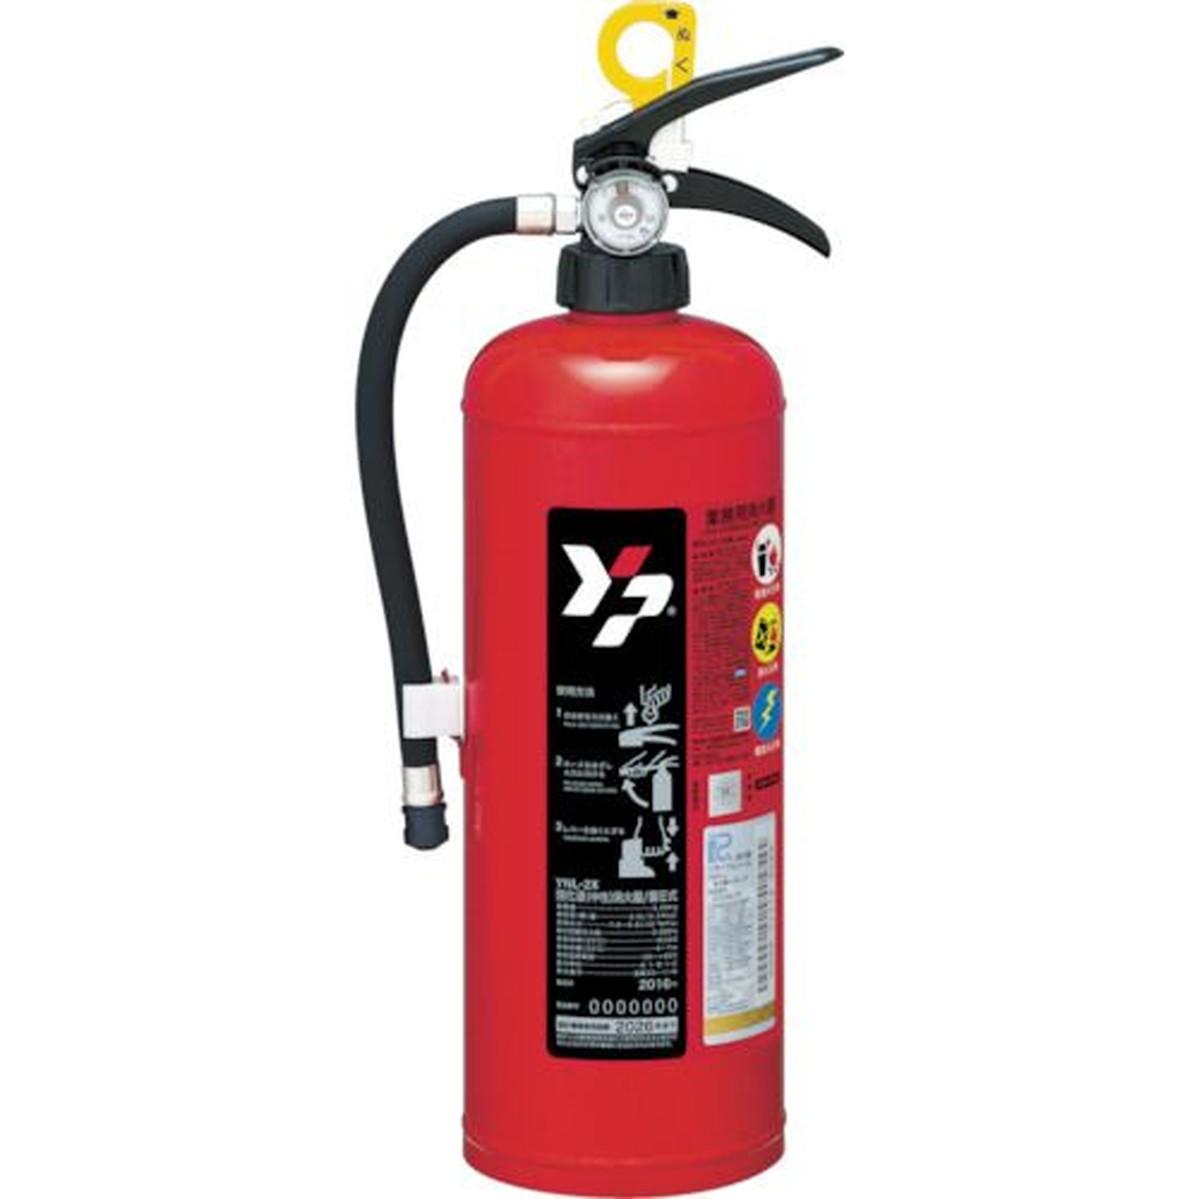 あす楽対応 国内即発送 DIY用品 ヤマト 中性強化液消火器4型 2020モデル 1本